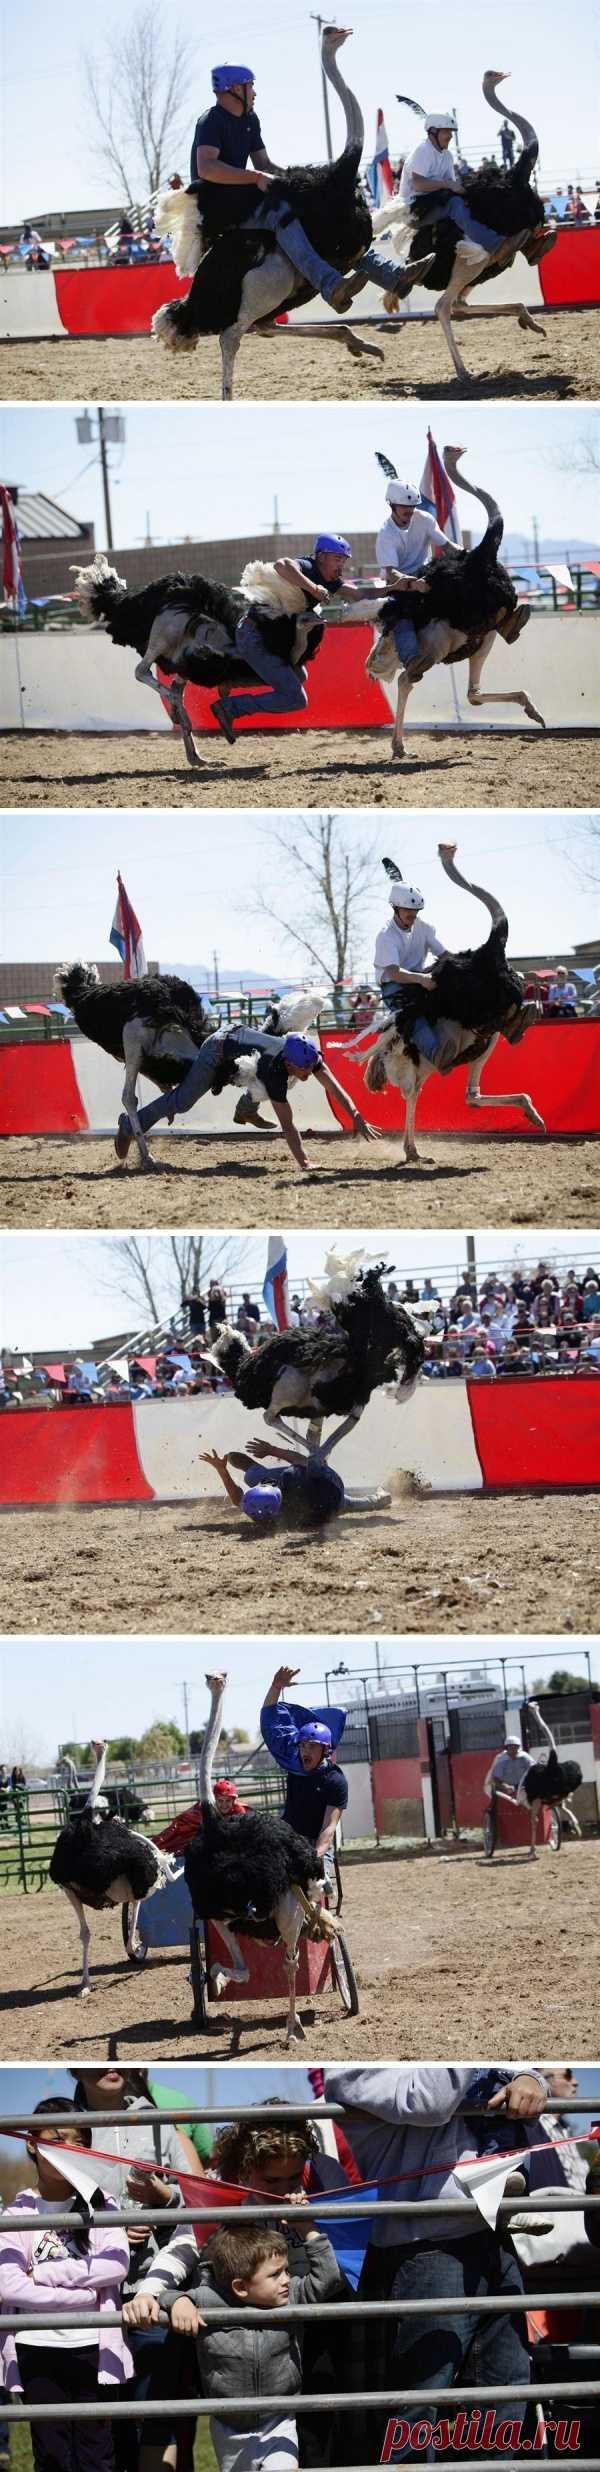 Сумашедшие гонки на страусах! Фестиваль в Аризоне, США